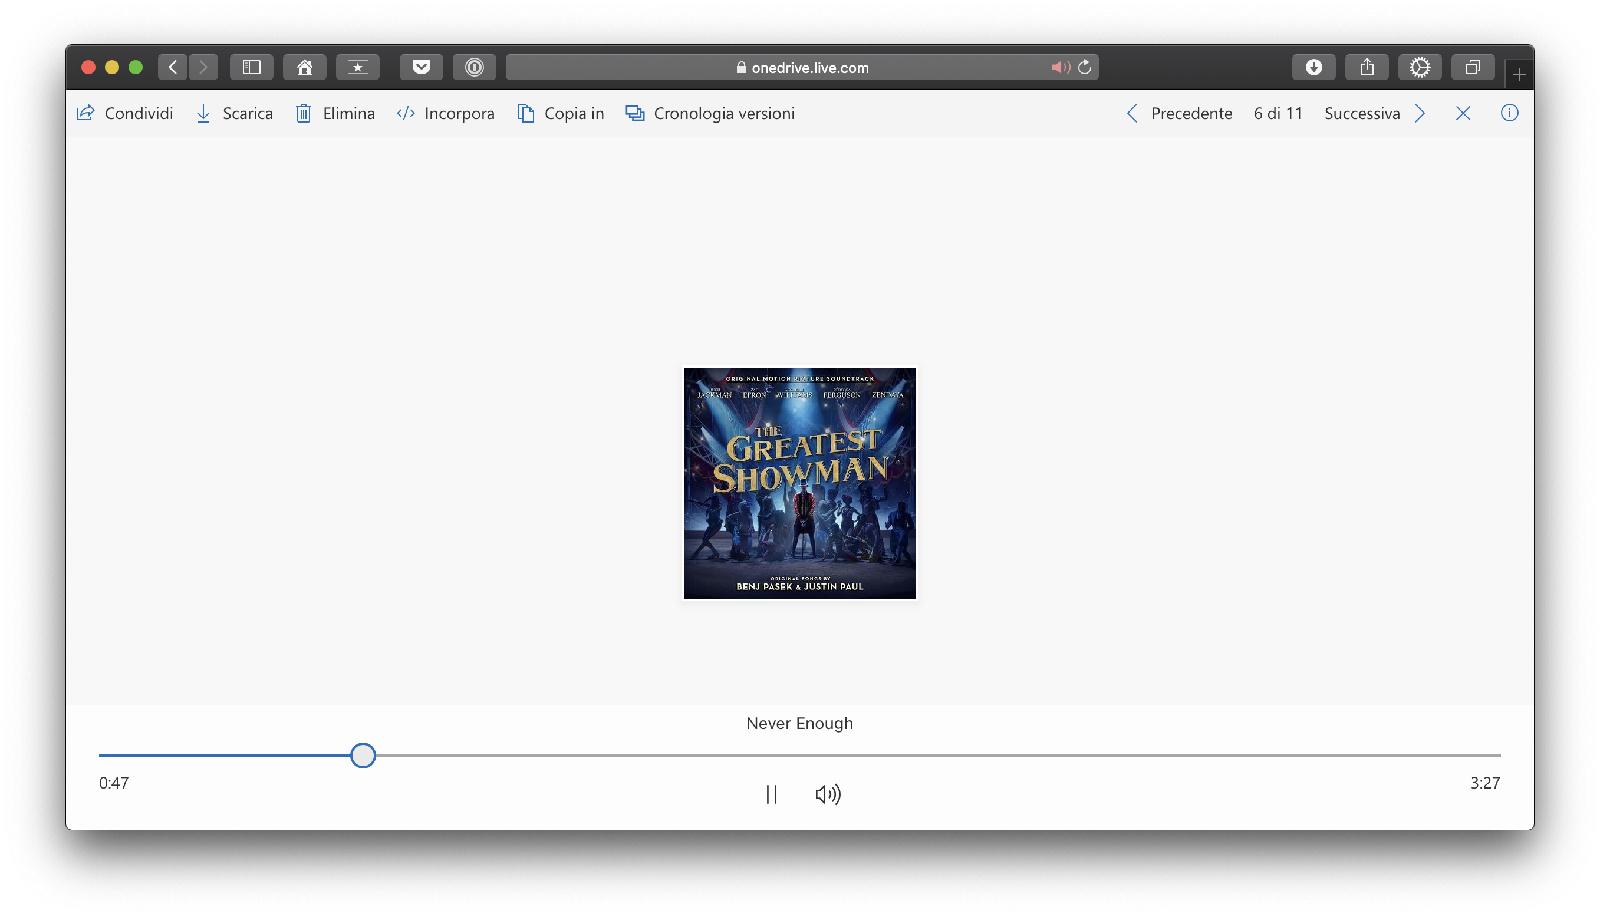 Recensione Microsoft Office 365 2019, ora anche su Mac App